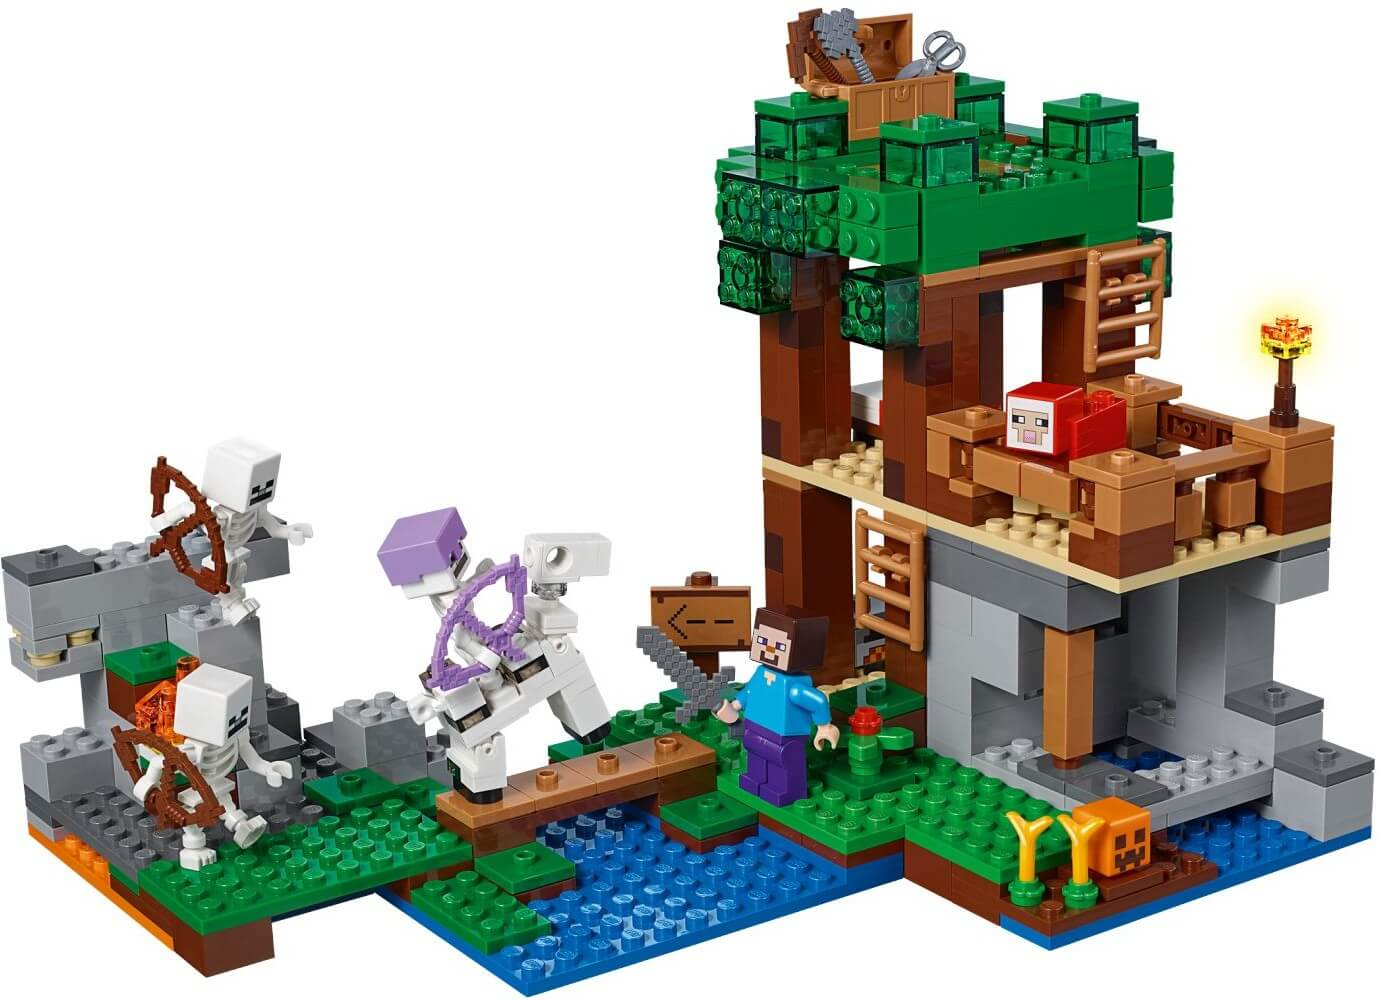 Mua đồ chơi LEGO 21146 - LEGO Minecraft 21146 - Người Xương tấn công Pháo Đài của Steve (LEGO 21146 The Skeleton Attack)